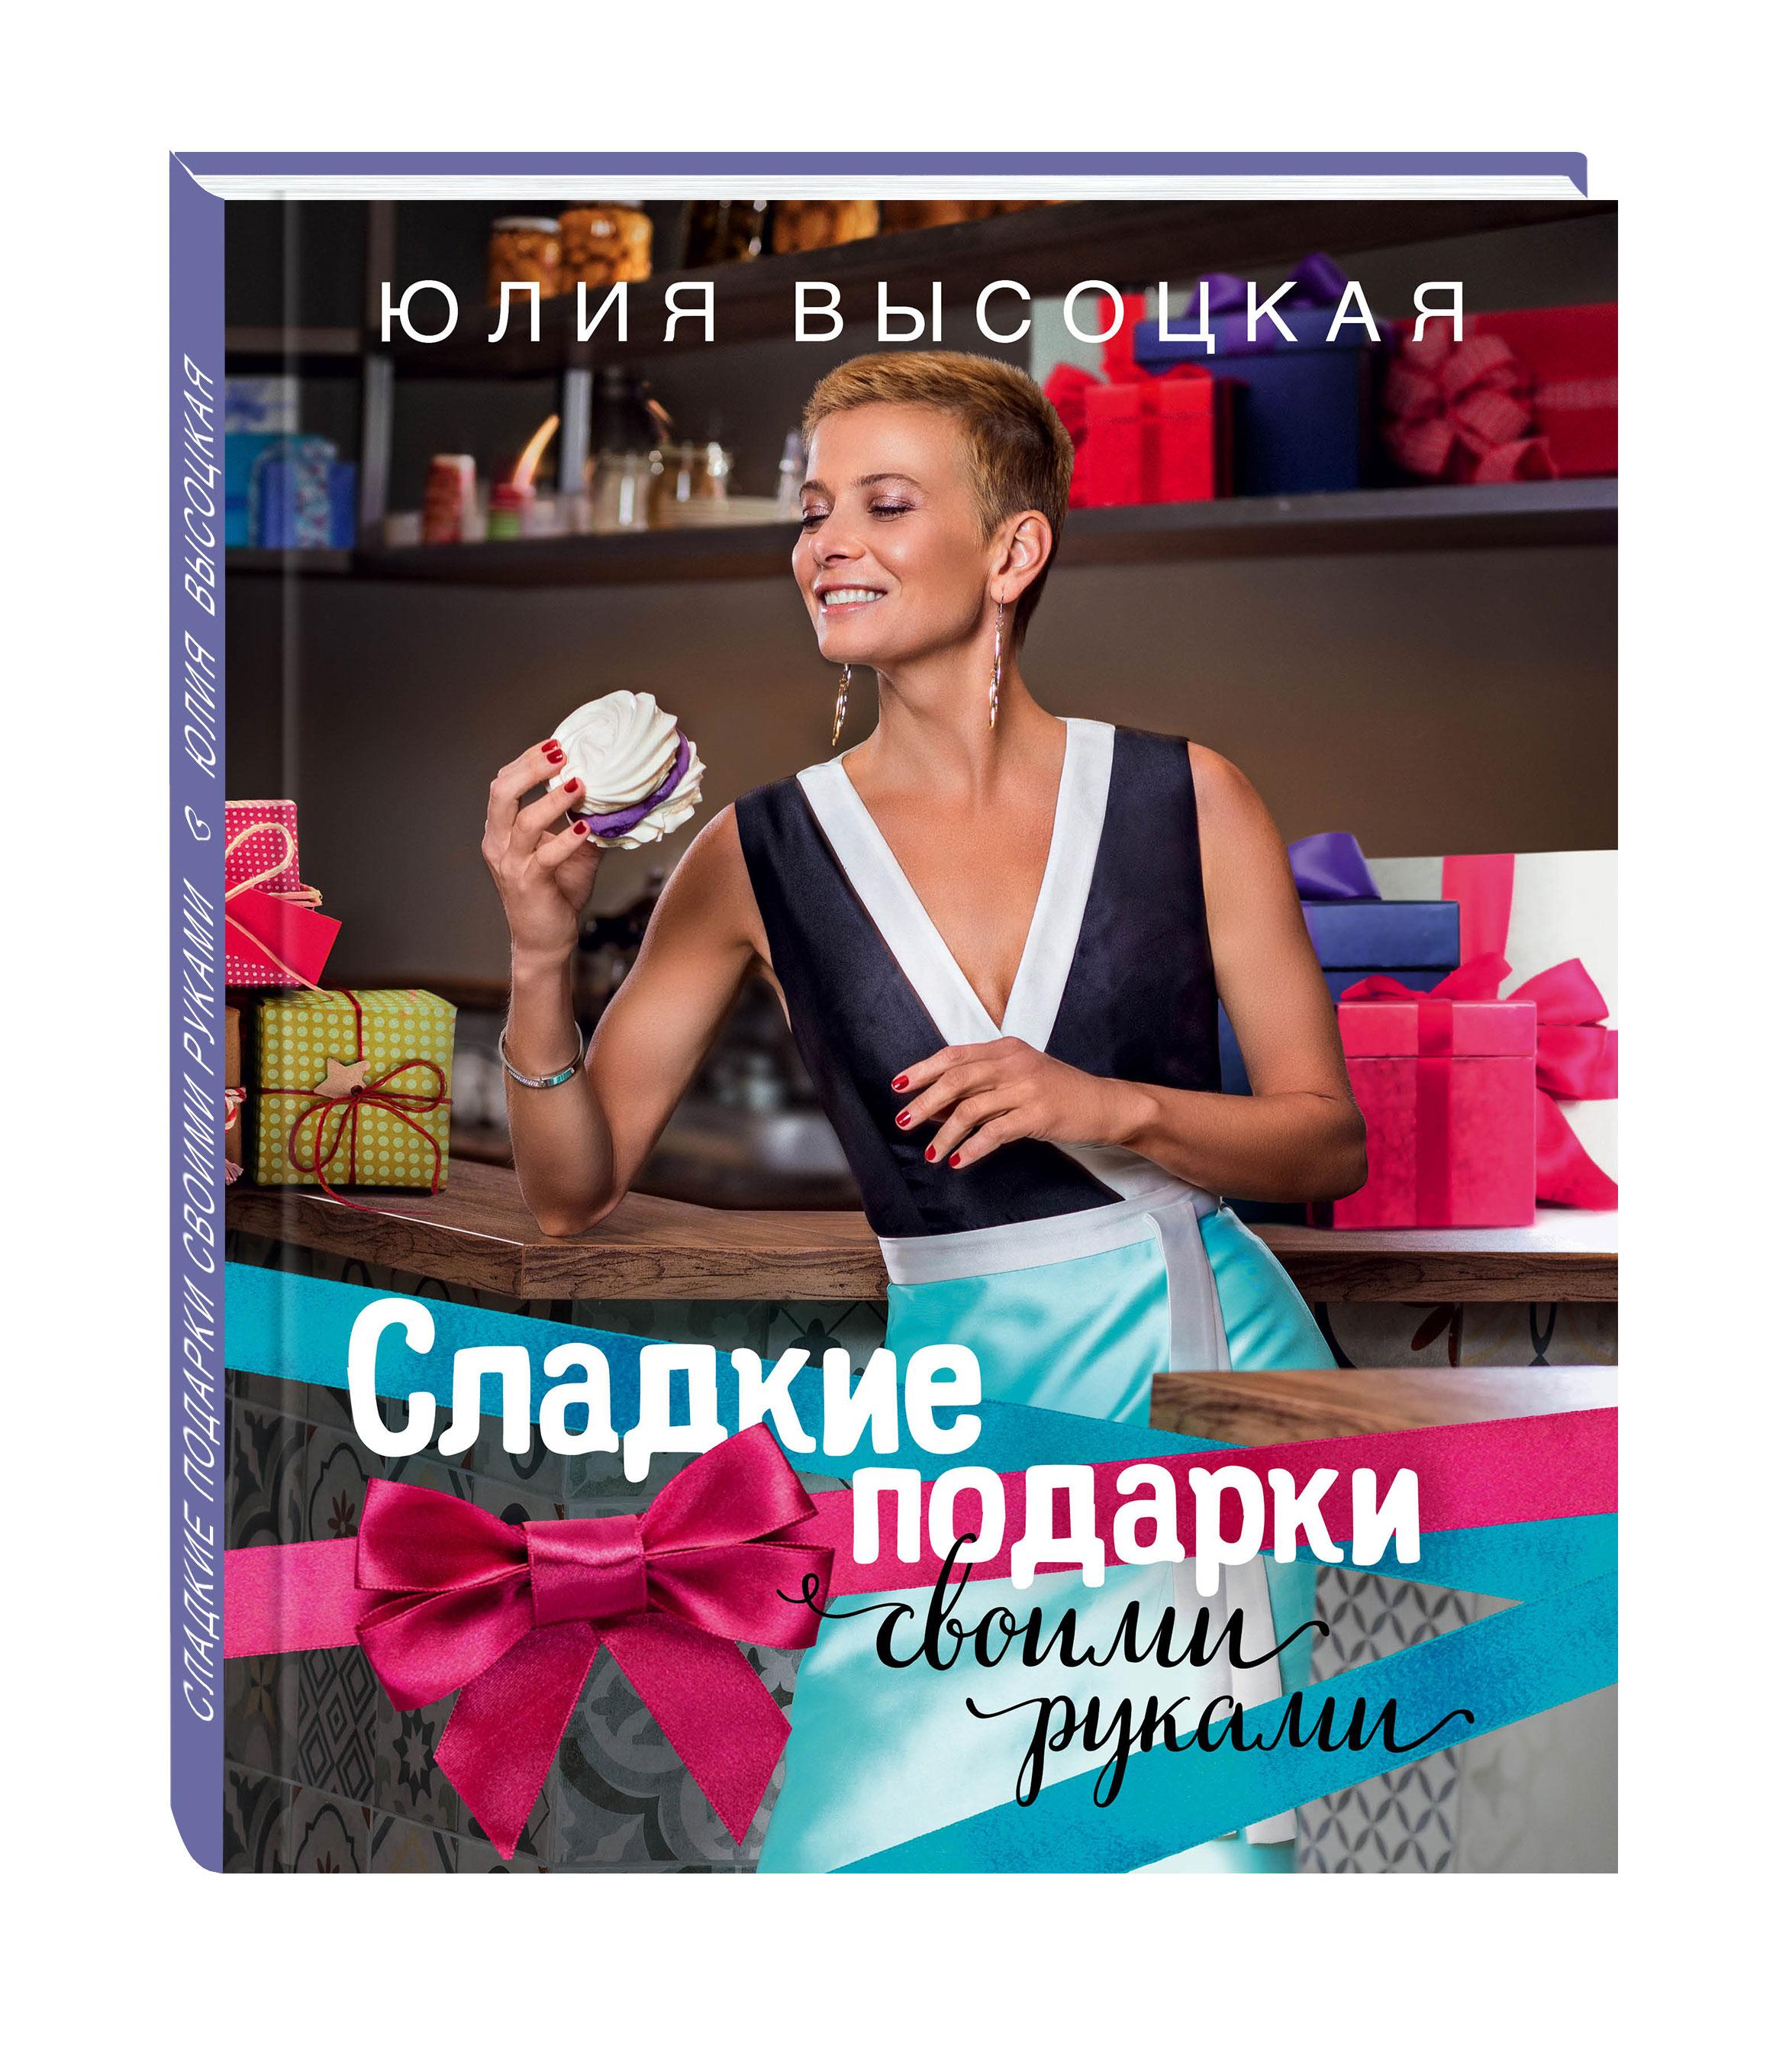 Юлия Высоцкая Сладкие подарки своими руками